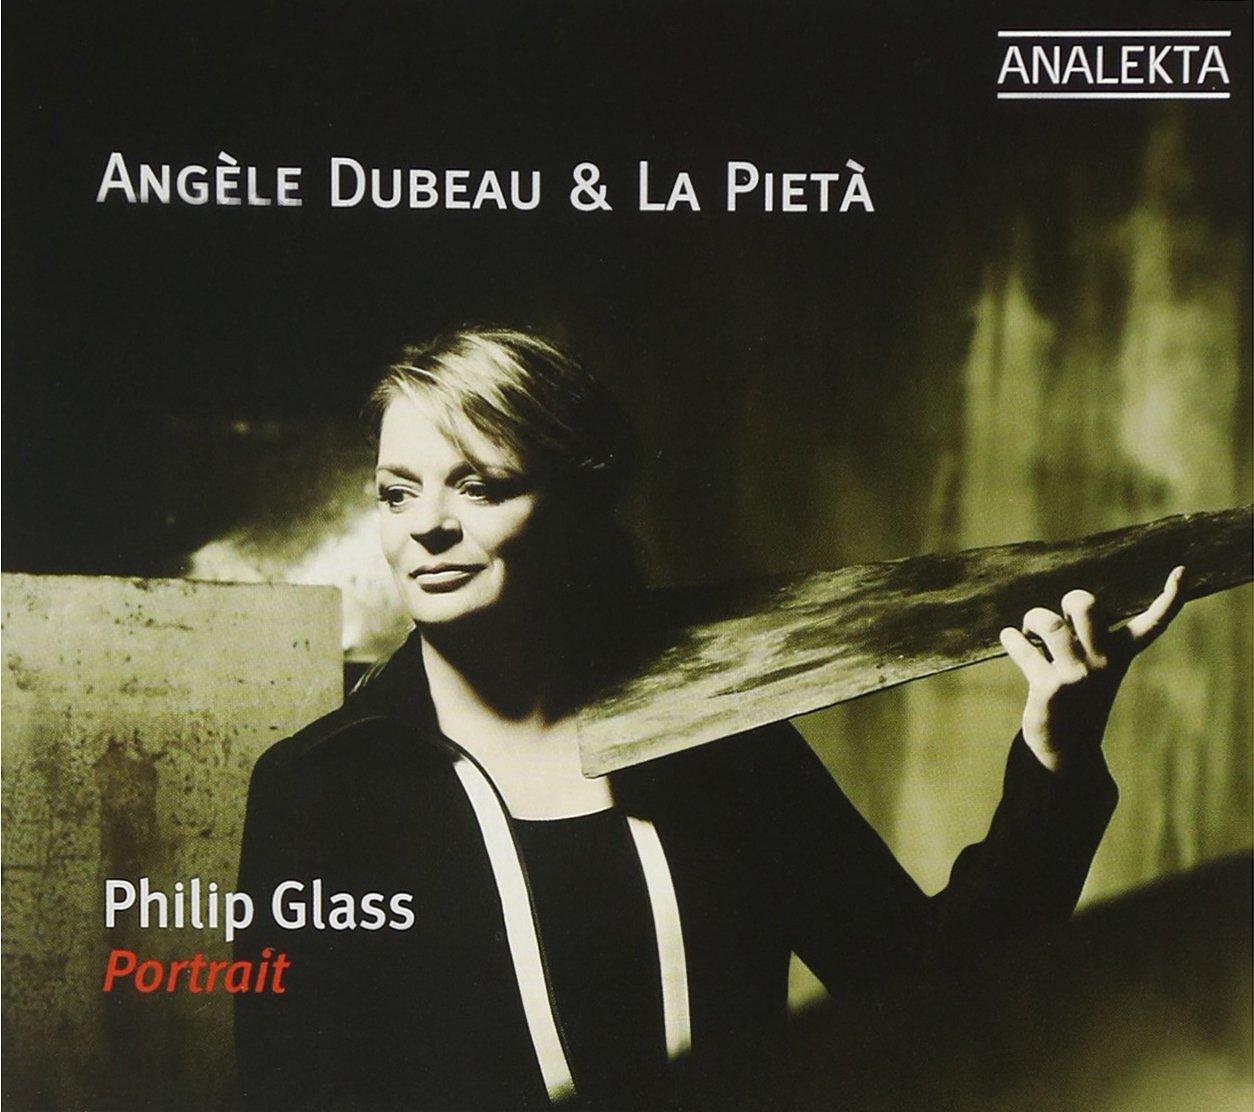 Philip Glass : Portrait Angèle Dubeau La pièta Various Analekta